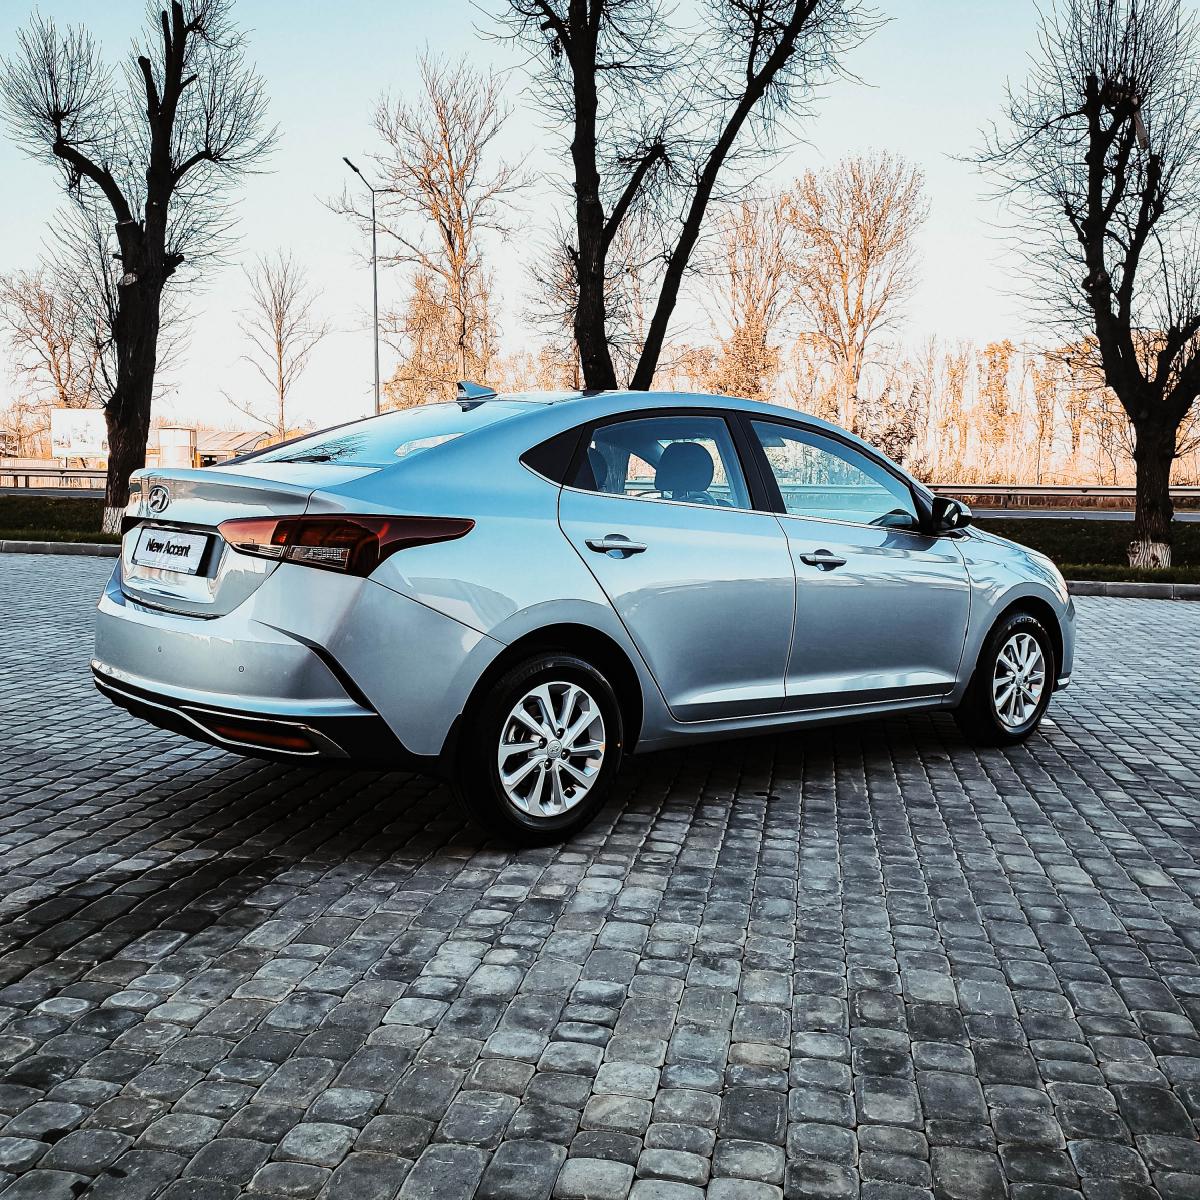 Новий Hyundai Accent вже в автосалоні! | Хюндай Мотор Україна - фото 15